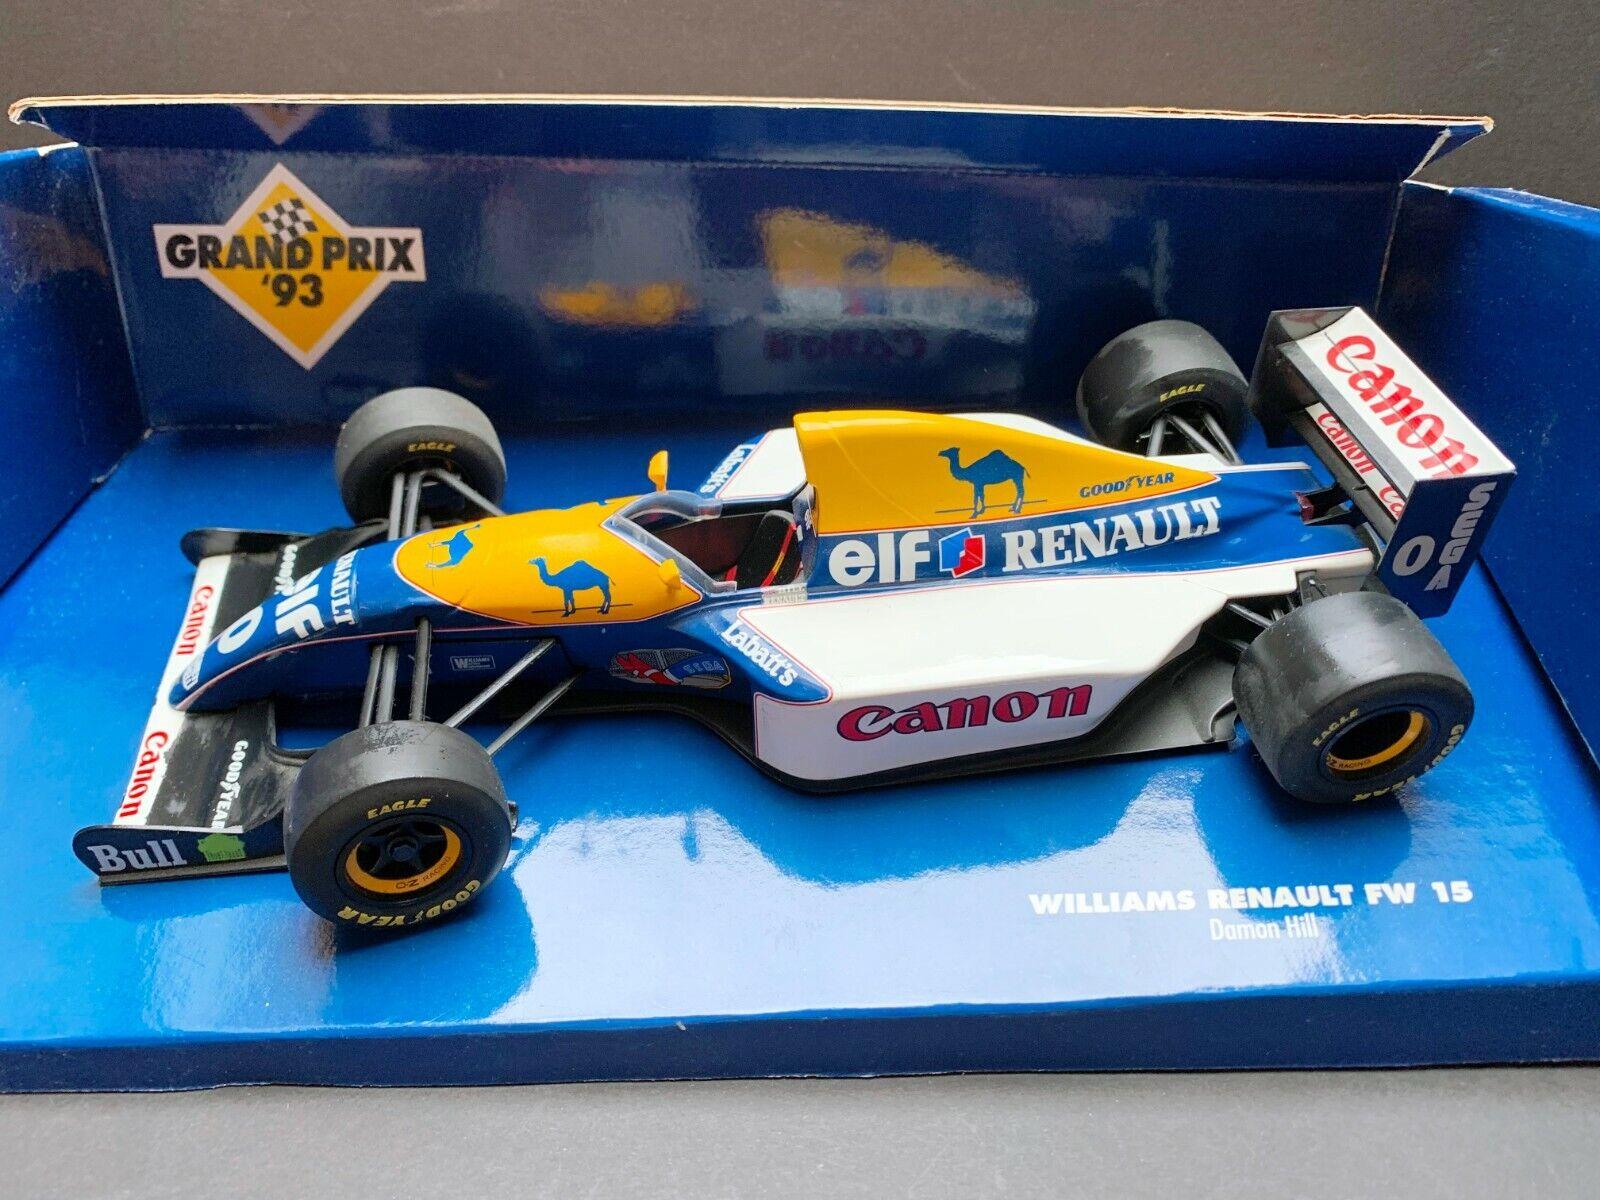 Minichamps  Damon Hill  Williams  FW15  1 18  1993  Very rare